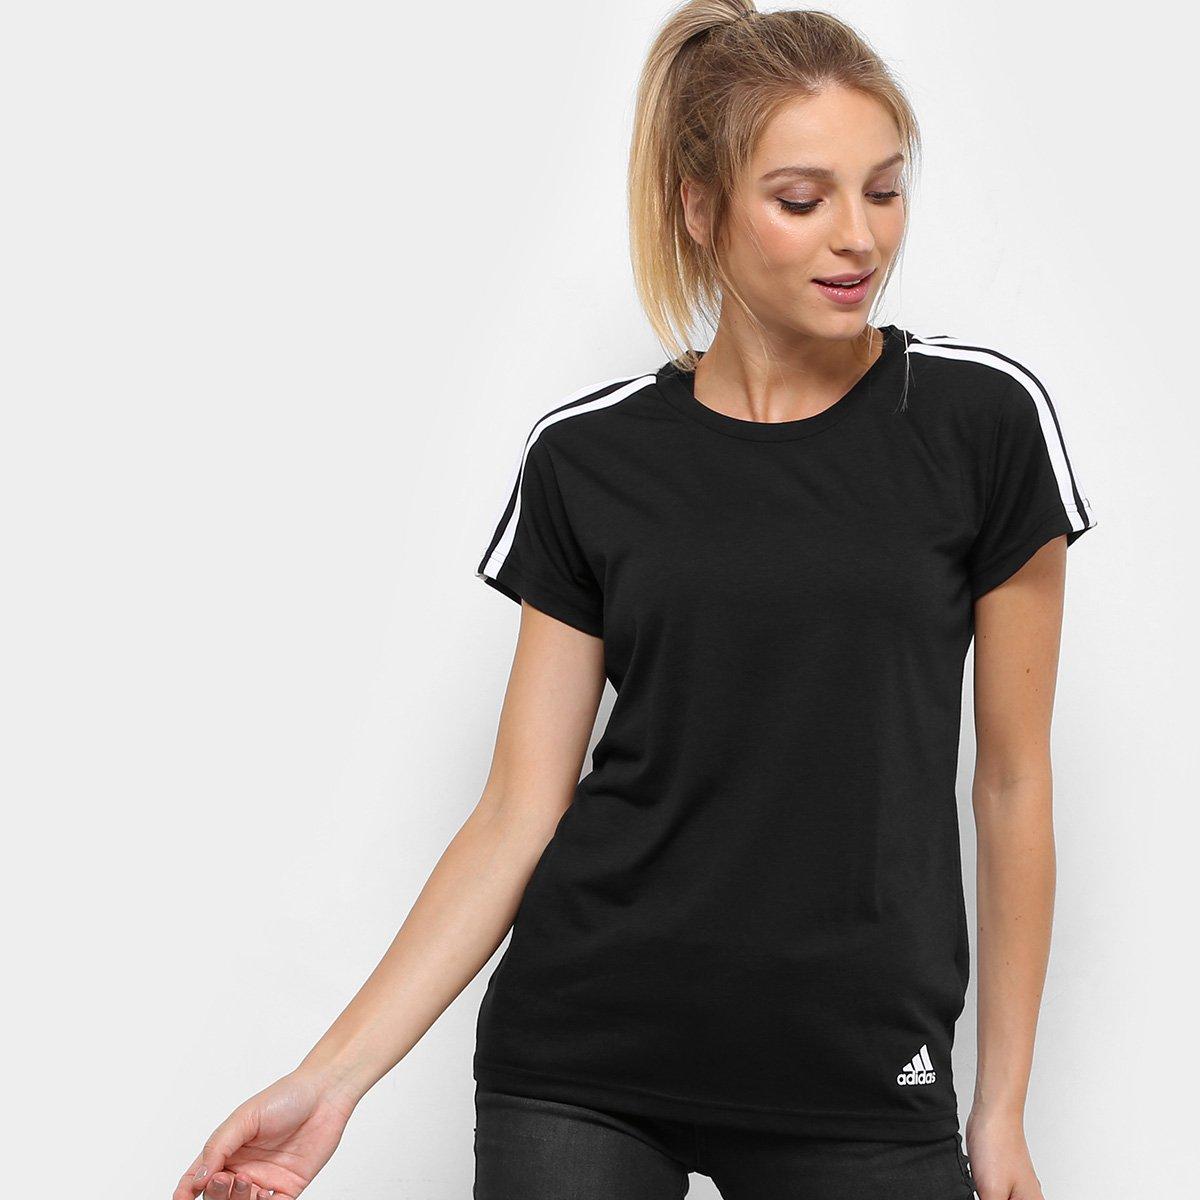 39a69026747 Camiseta Adidas M C Ess 3S Slim Feminina